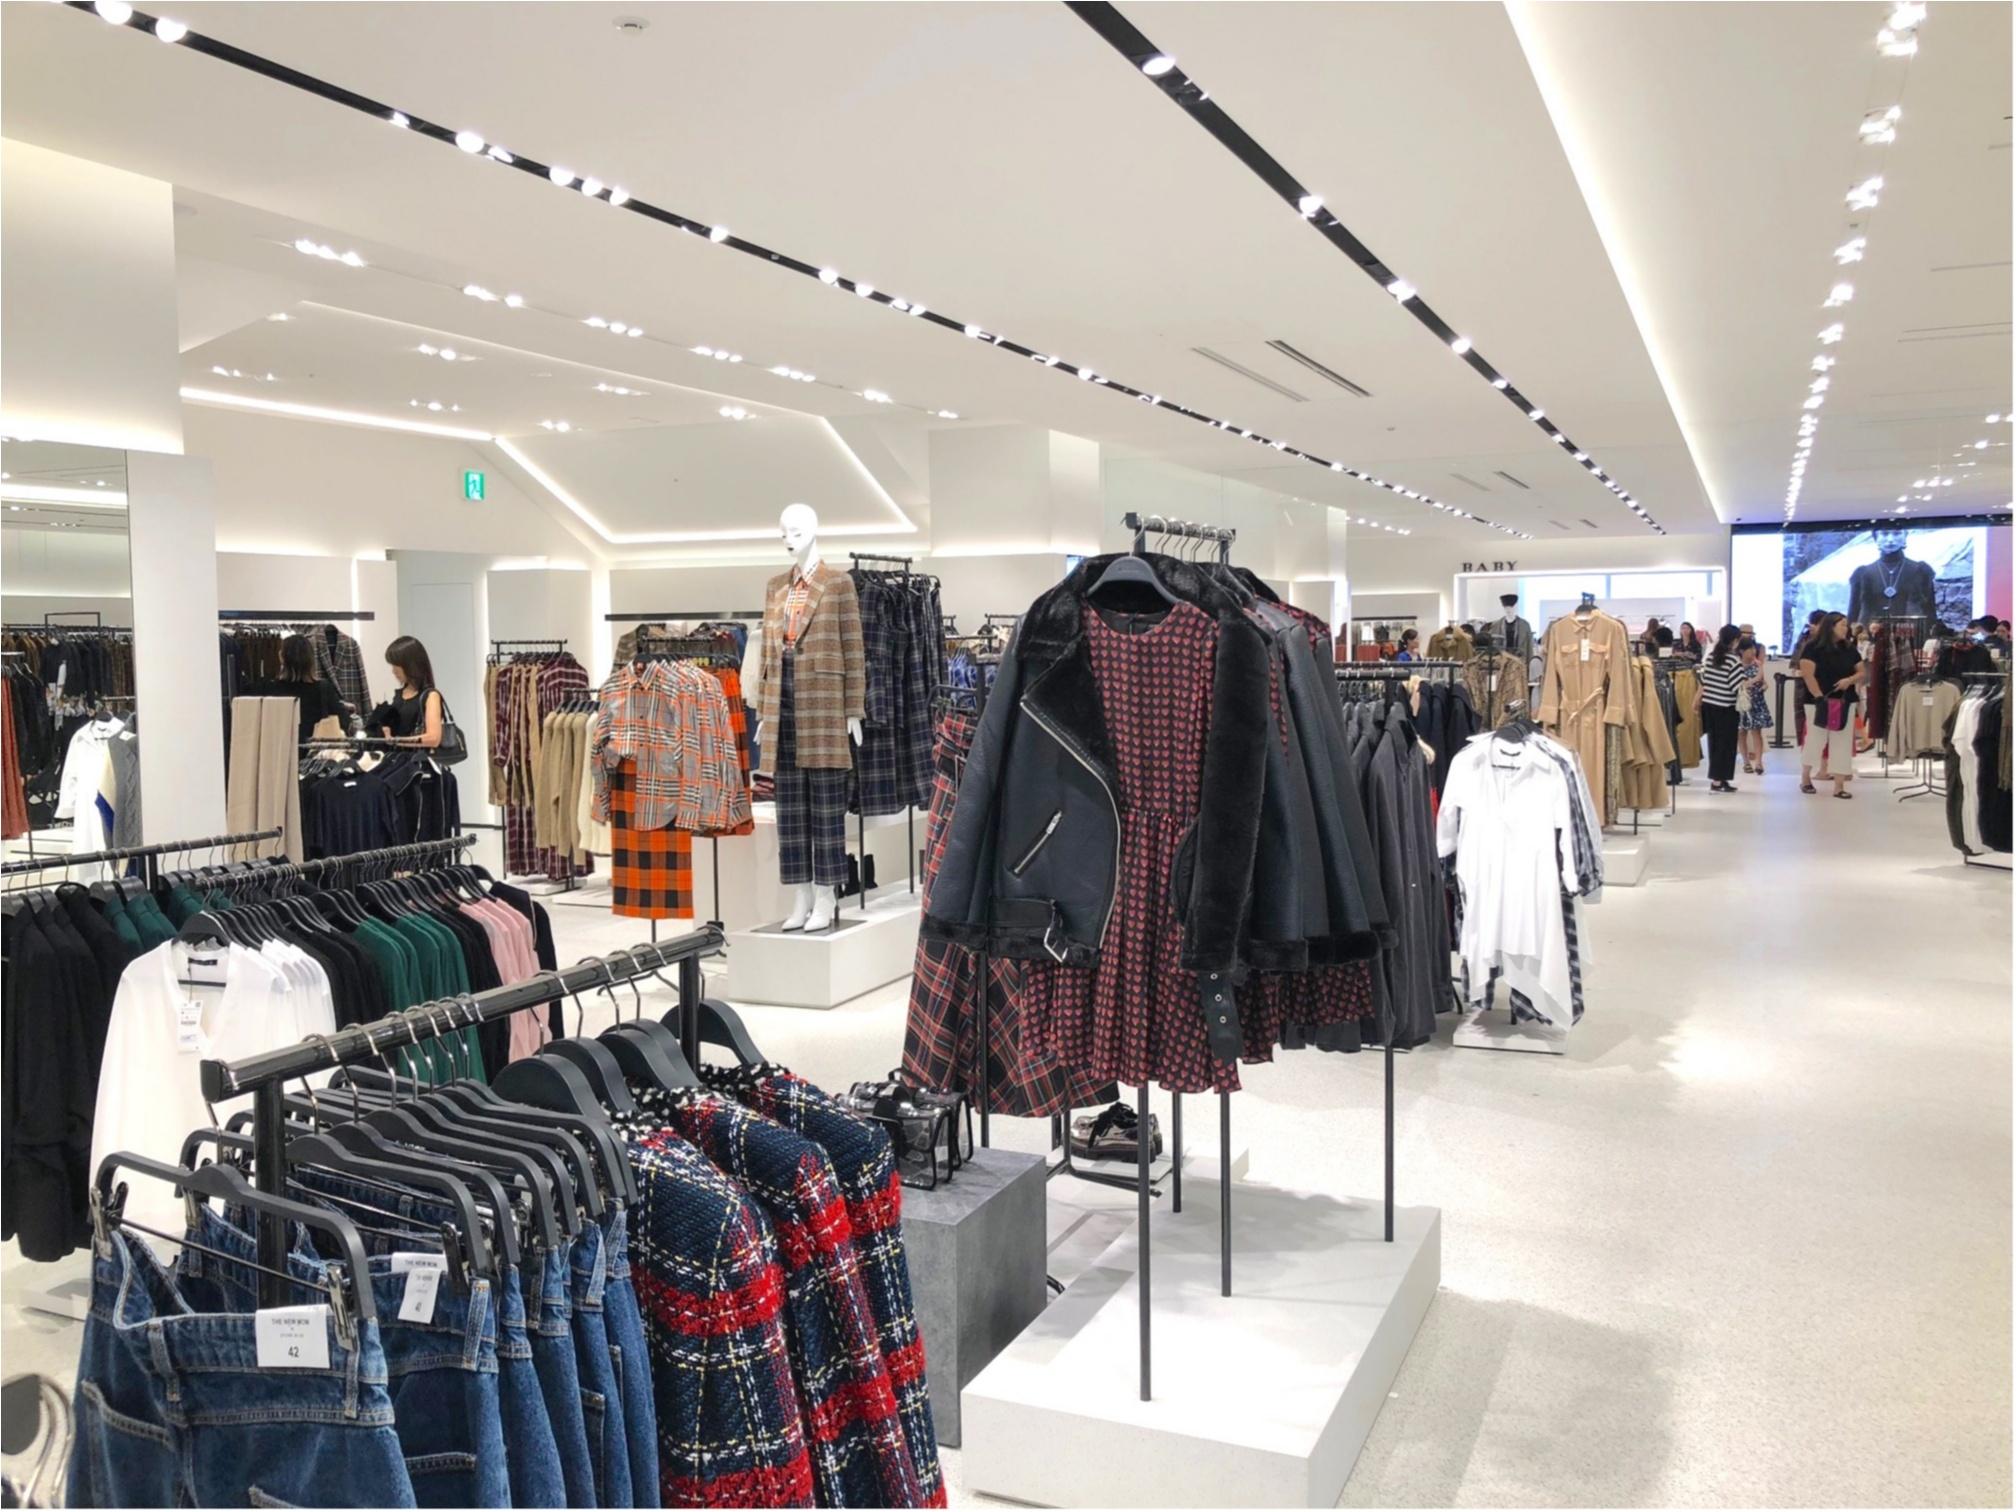 『ZARA 六本木店』リニューアルオープンで見つけたアイテム 記事Photo Gallery_1_16